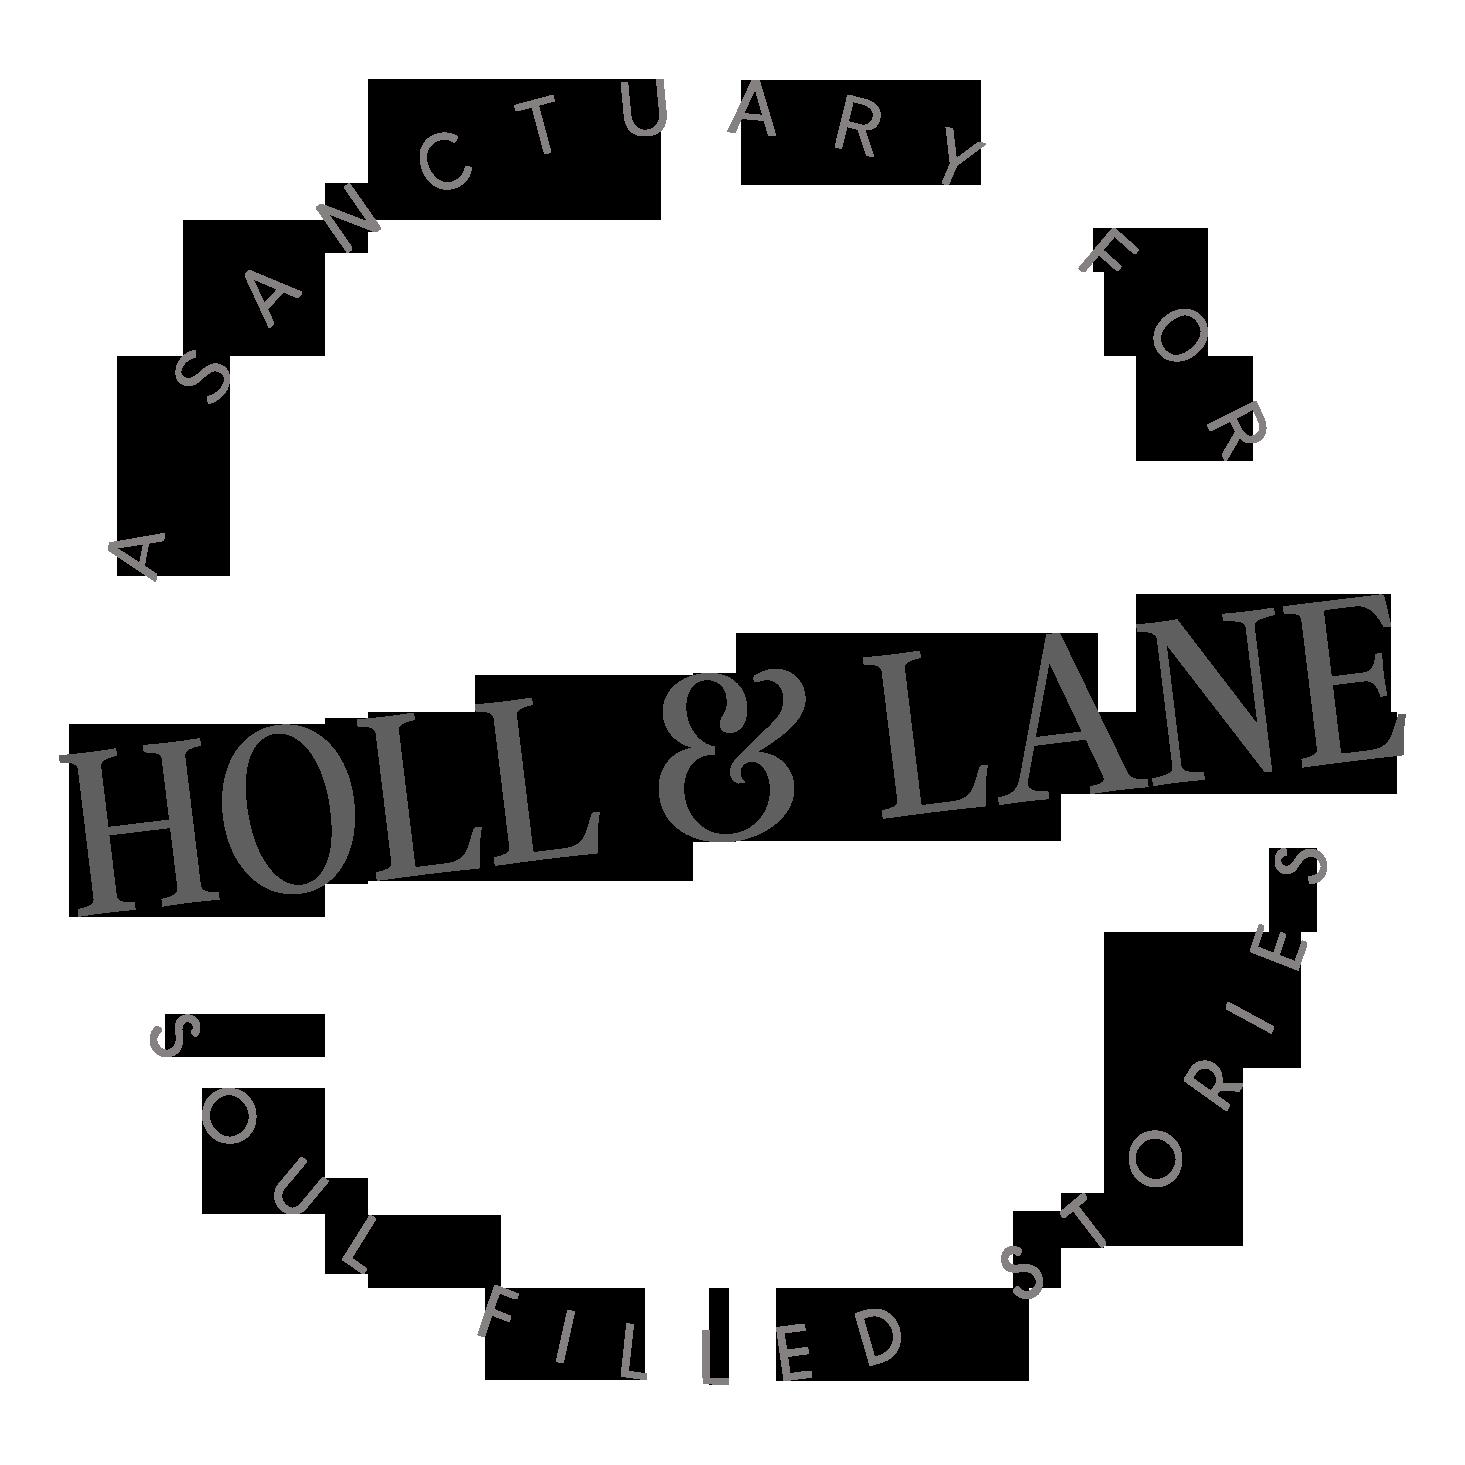 Holl & Lane